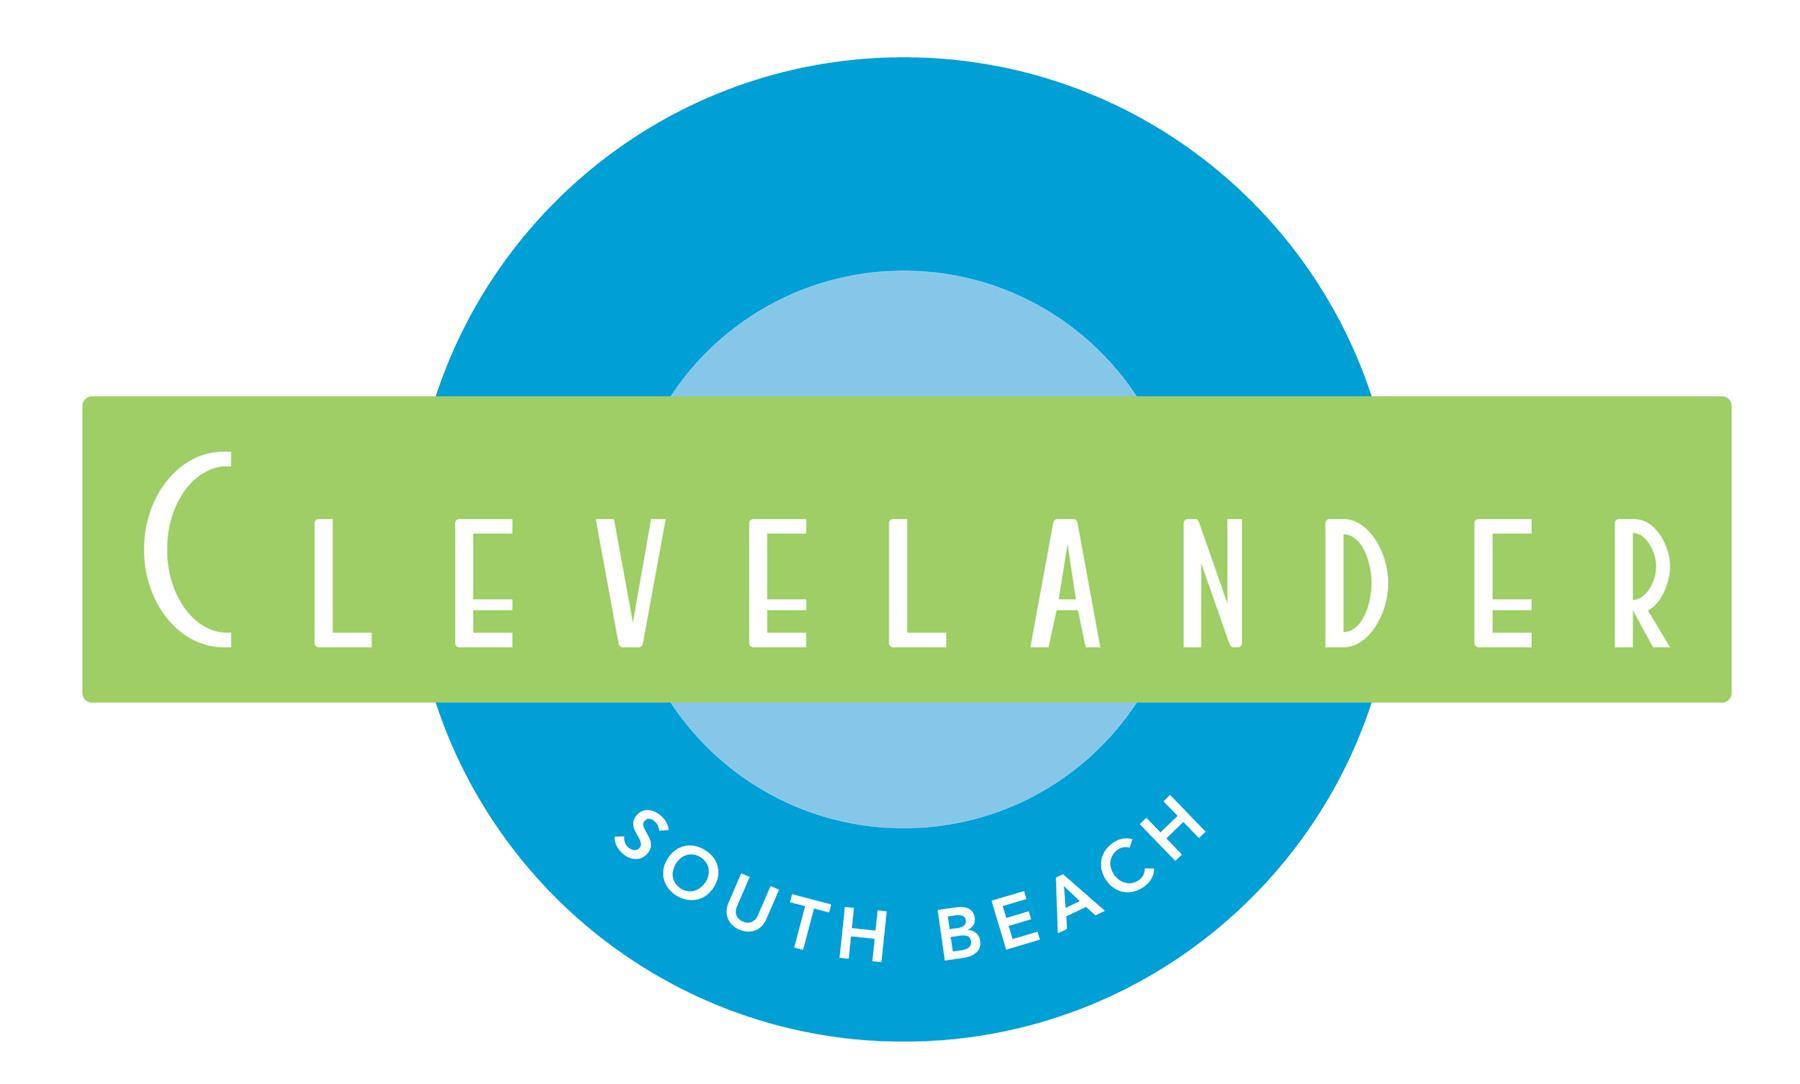 The Clevelander logo